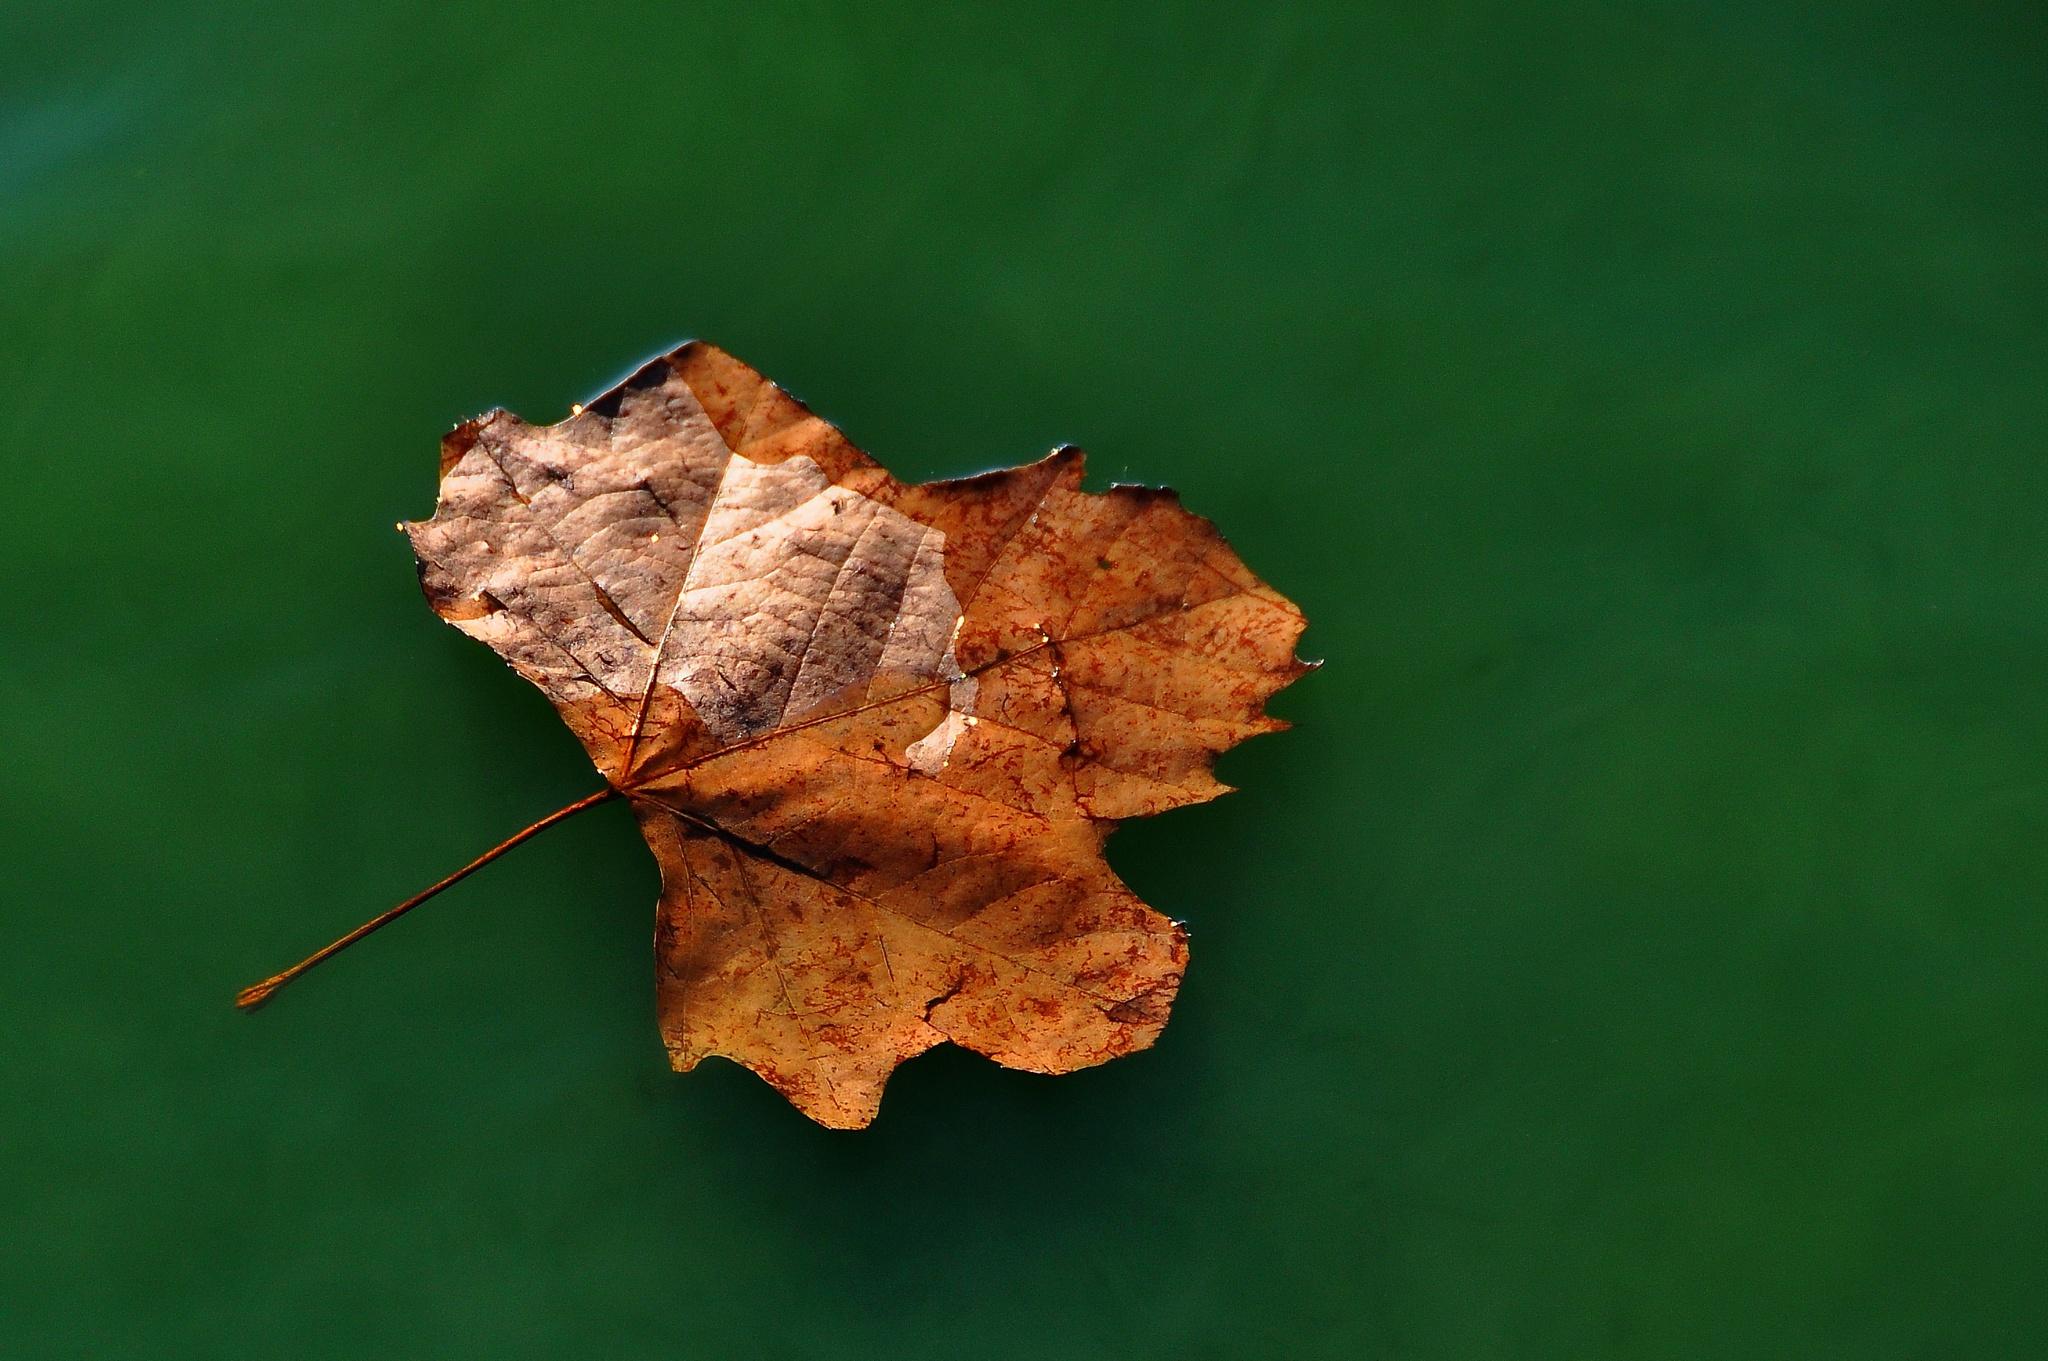 leaf by zdenkostricki